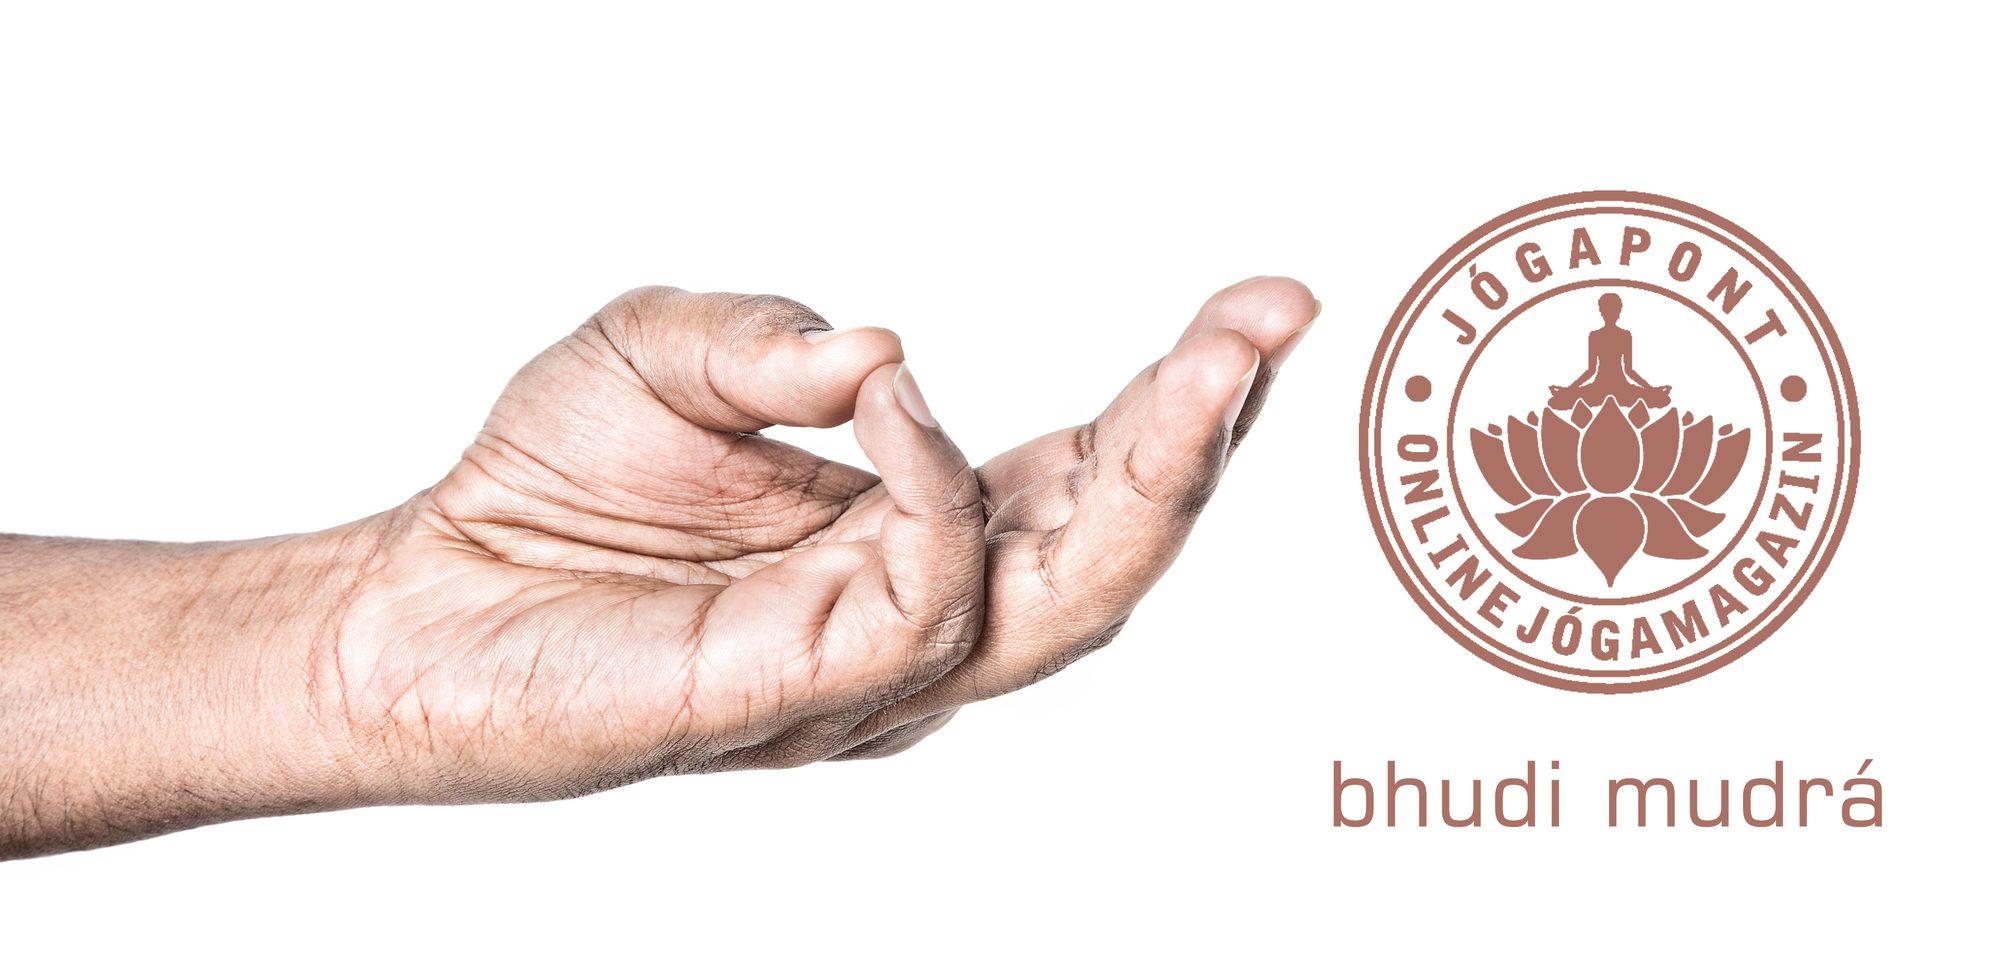 Bhudi mudrá